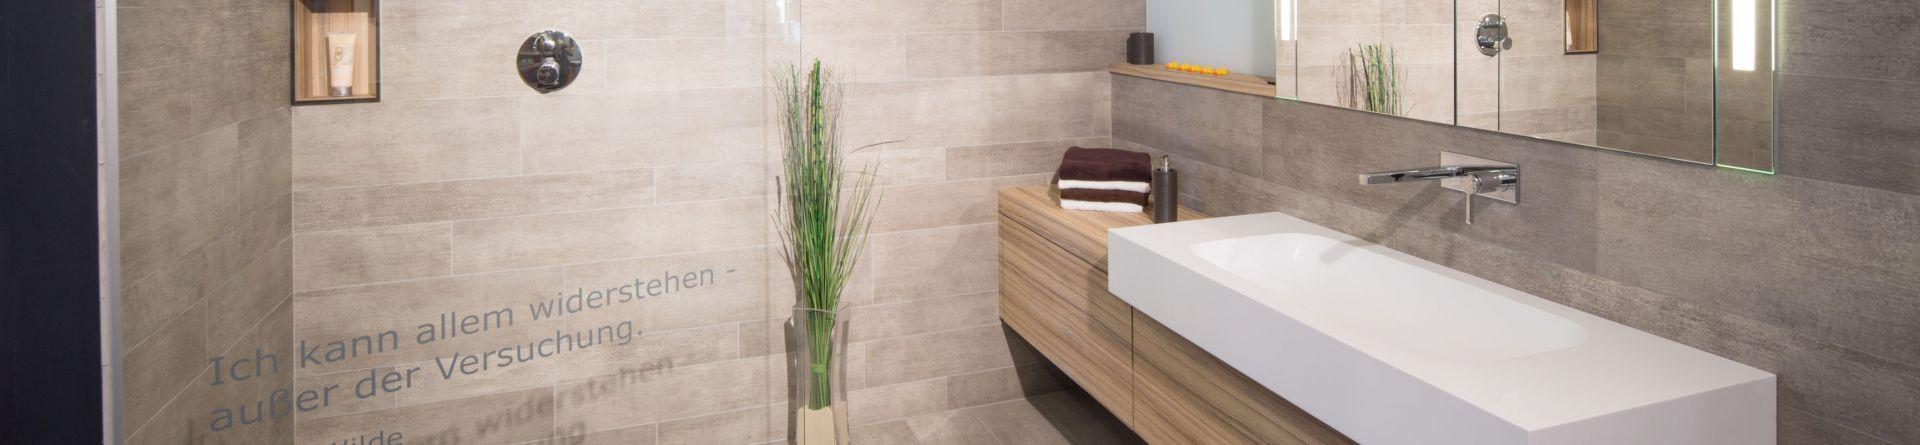 Exklusive Badezimmermöbel exklusive badezimmermöbel design